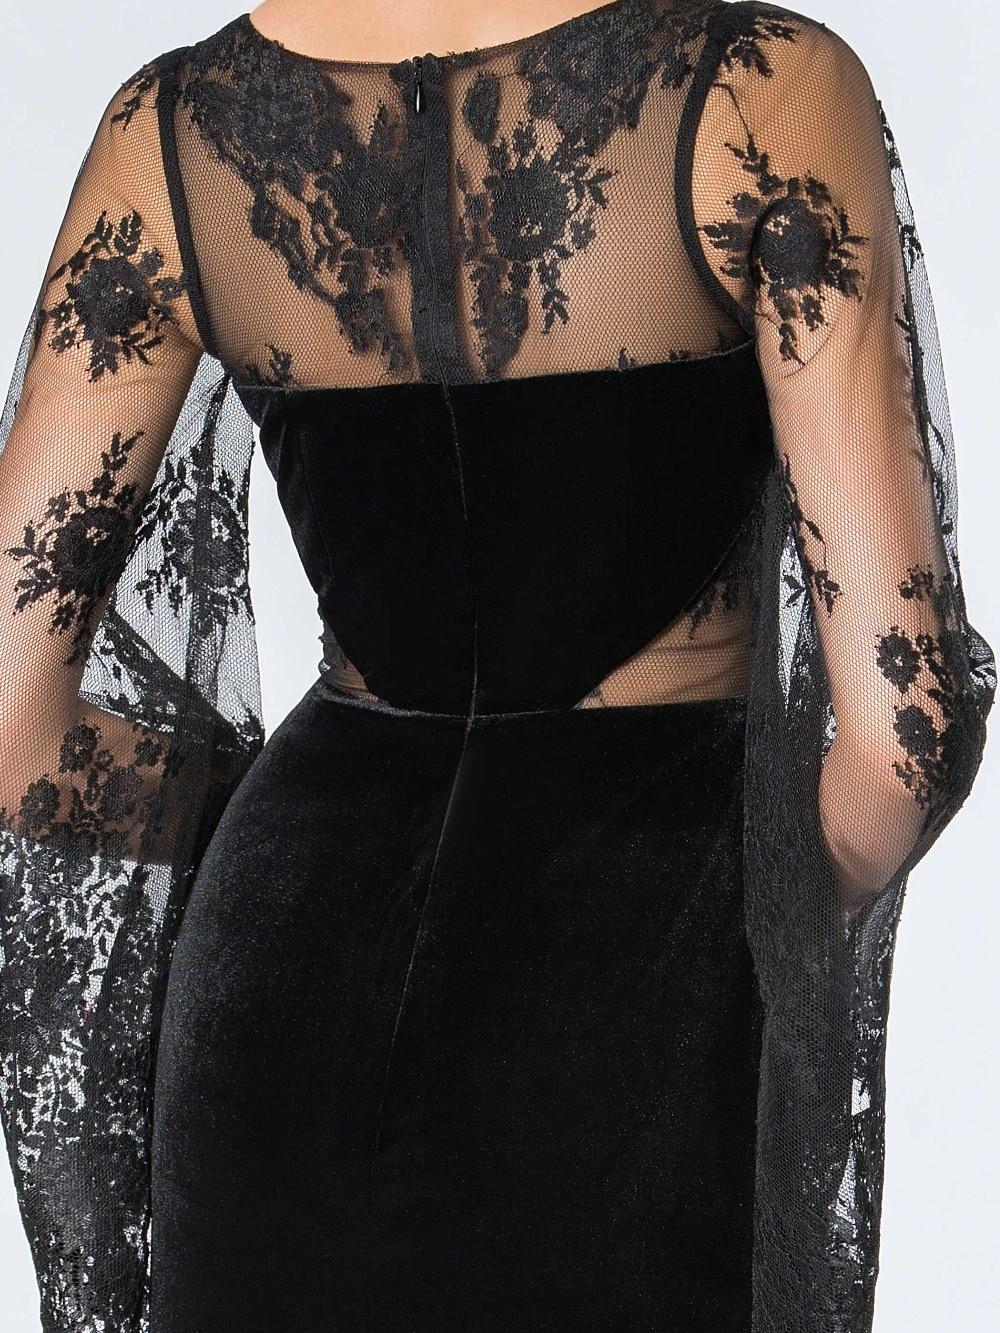 Dressv Vintage Lace Muslim Aftonklänningar Skede O-Neck Långärmade - Särskilda tillfällen klänningar - Foto 6